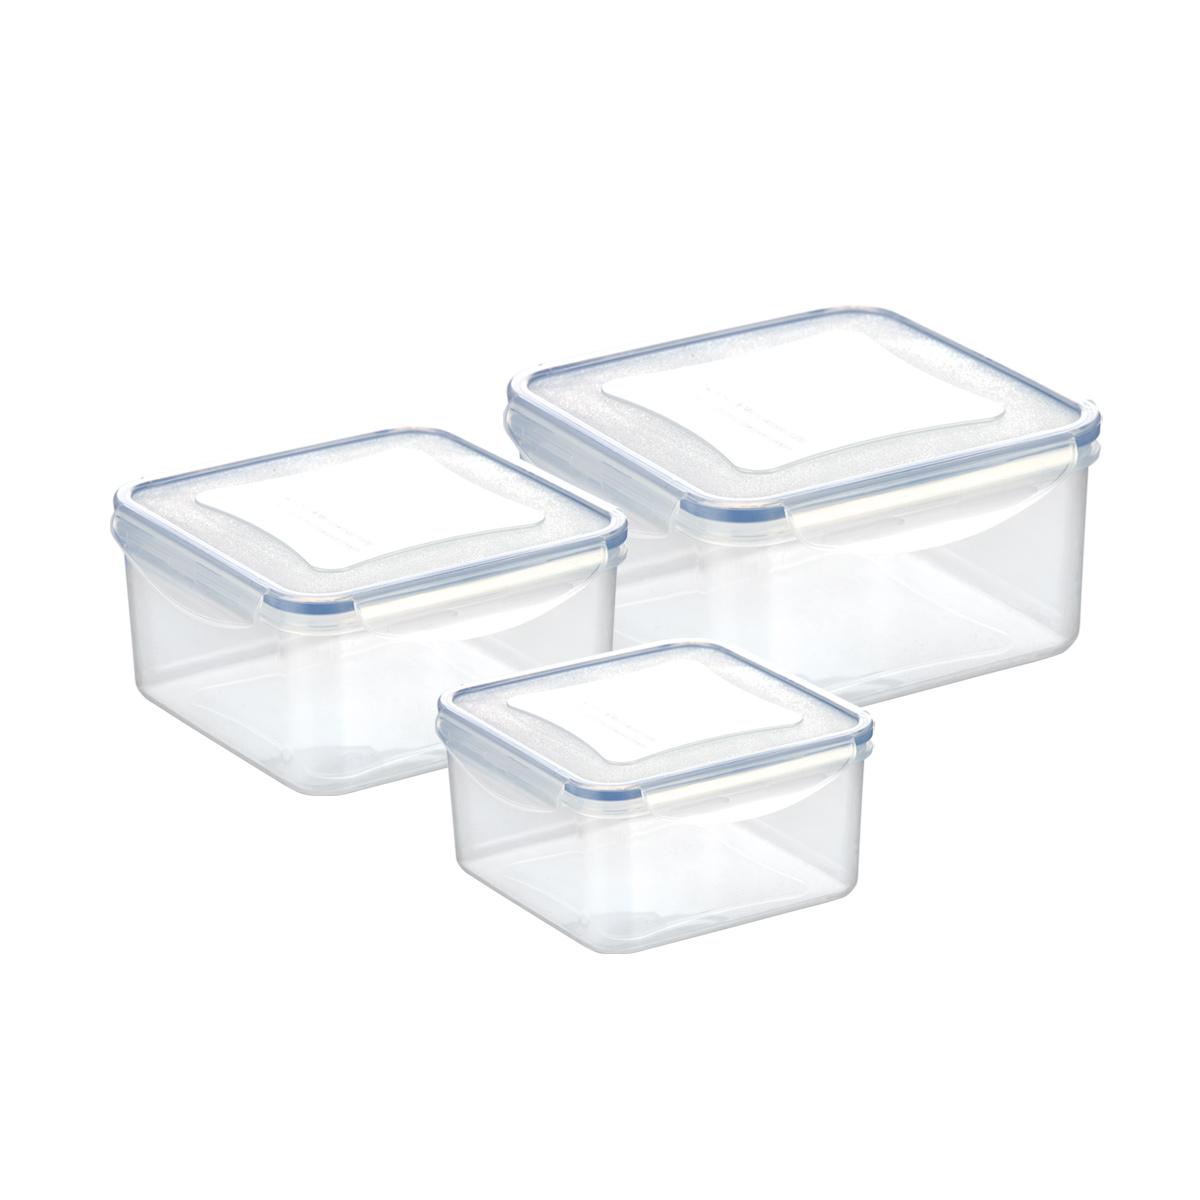 Dóza FRESHBOX 3ks, 1.2, 2.0, 3.0 l, čtvercová